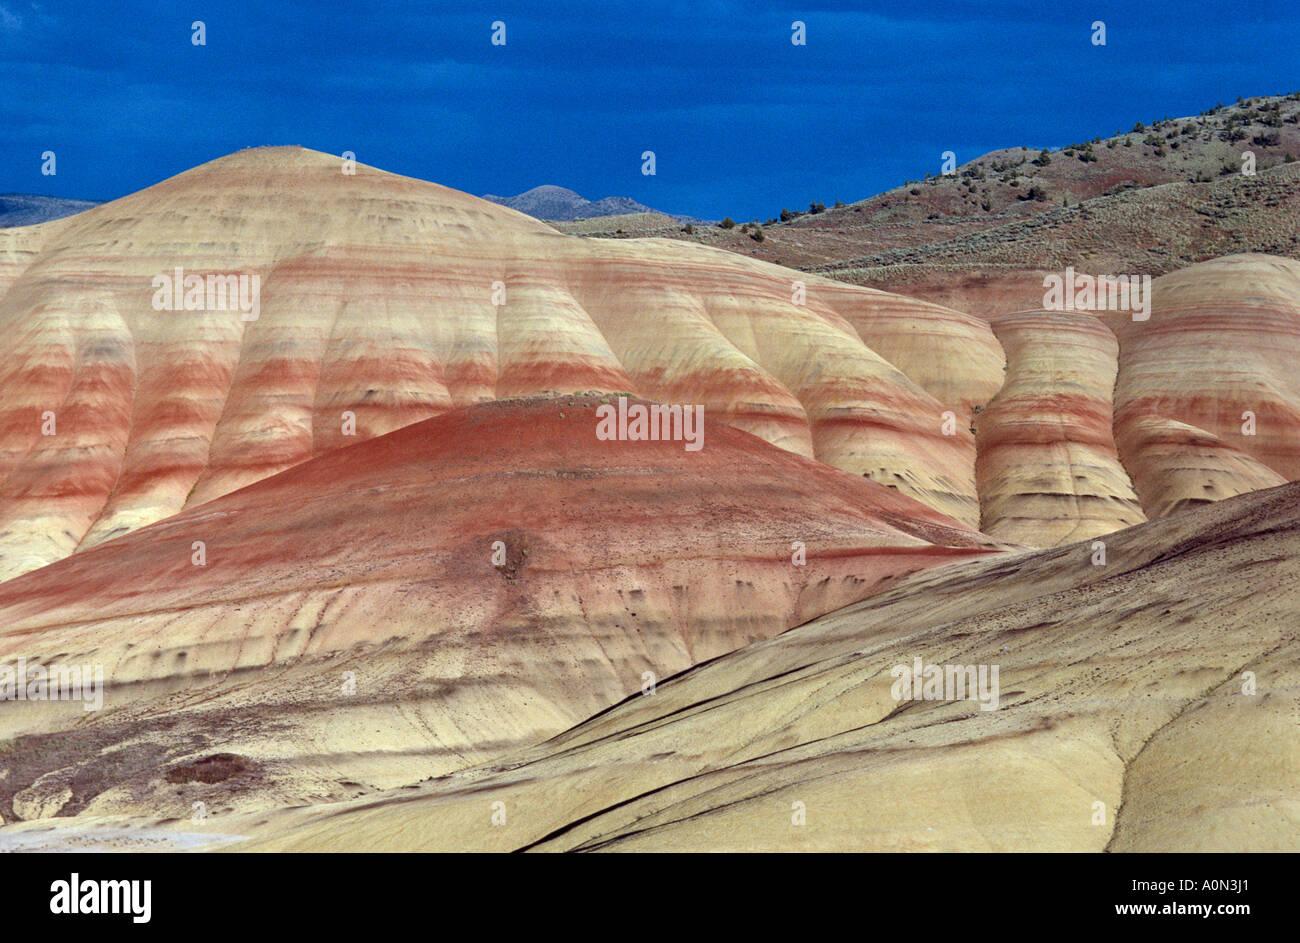 Cerros pintados John Día yacimientos fósiles Monumento Nacional de Oregon Oriental usa colores cambian con el tiempo del día clima contenido de humedad Foto de stock